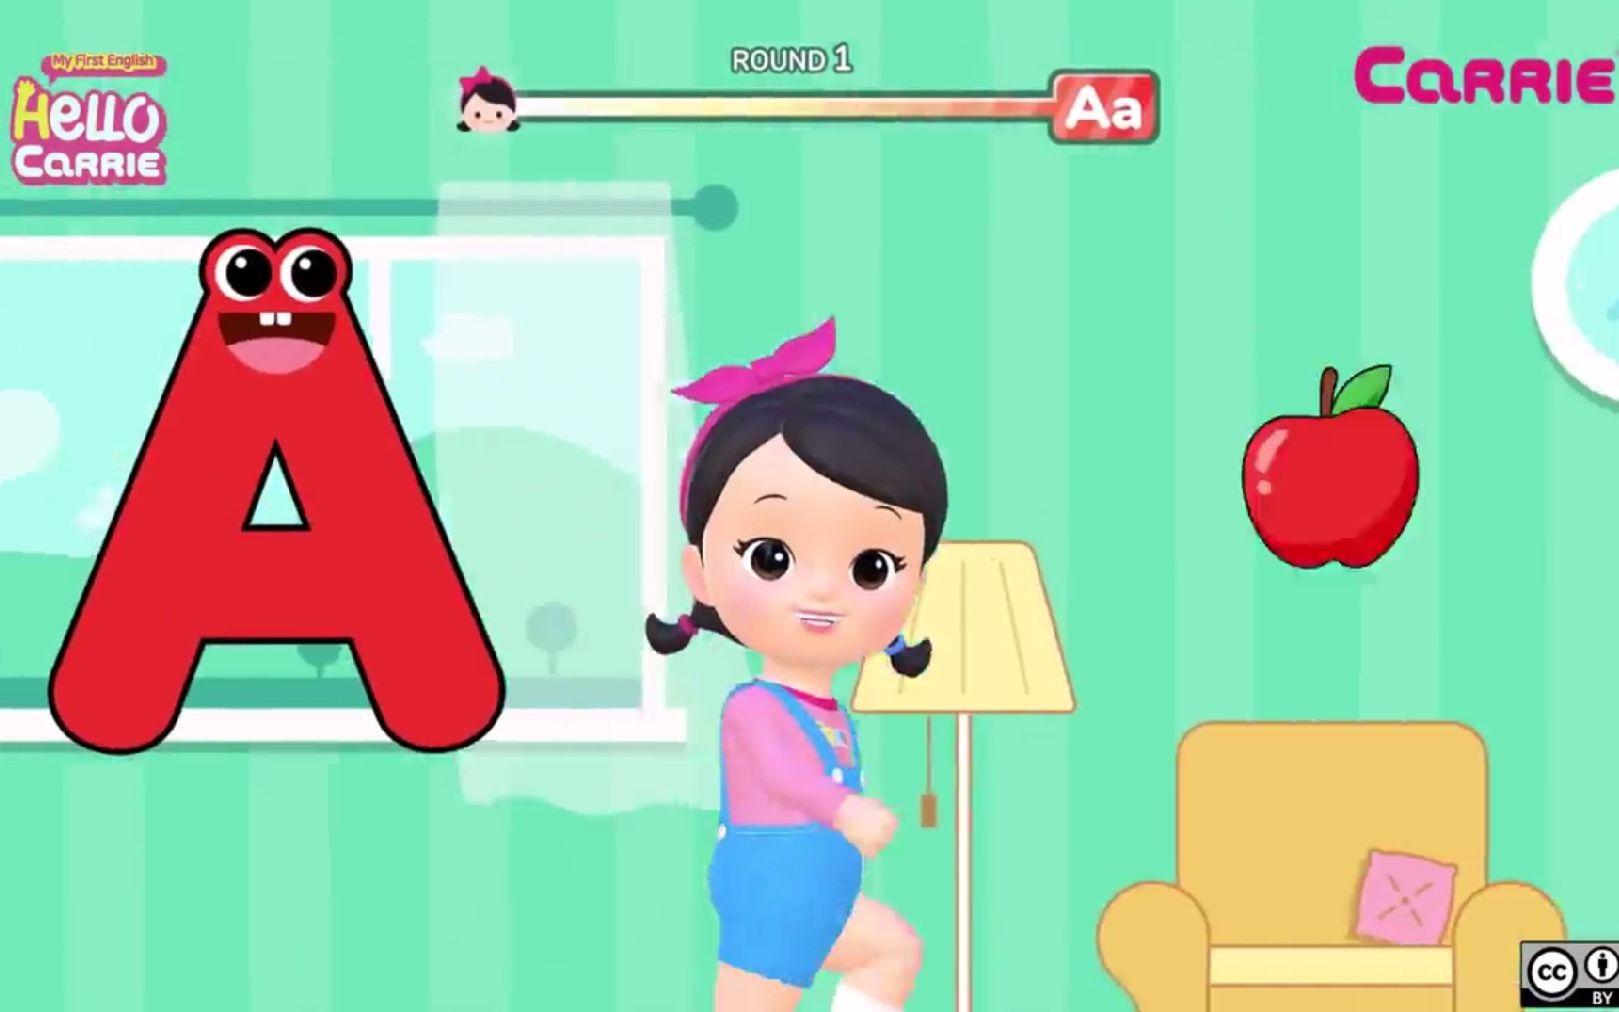 Super Fun Phonics A to Z - Alphabet song 英文字母 A-Z 英語兒童少兒早教英語啟蒙教育_嗶哩嗶哩 (゜-゜)つロ 干杯~-bilibili